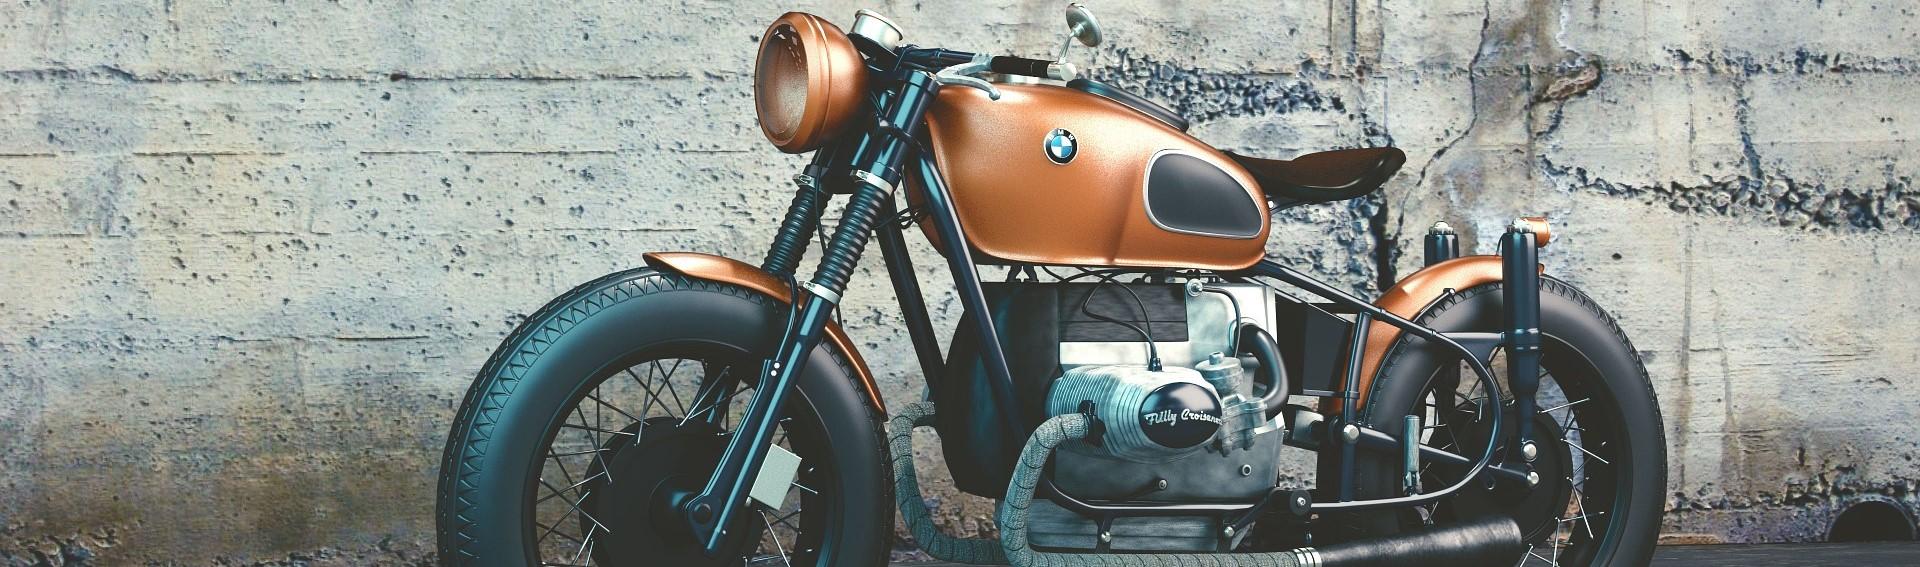 BMW Bike | Breast Cancer Car Donations